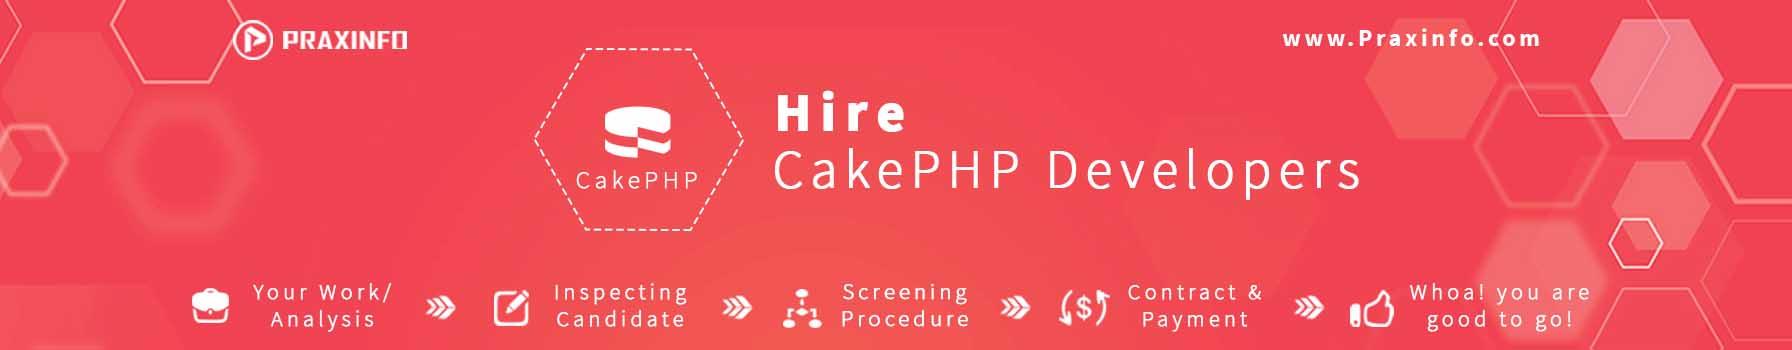 hire-CakePHP-developer.jpg